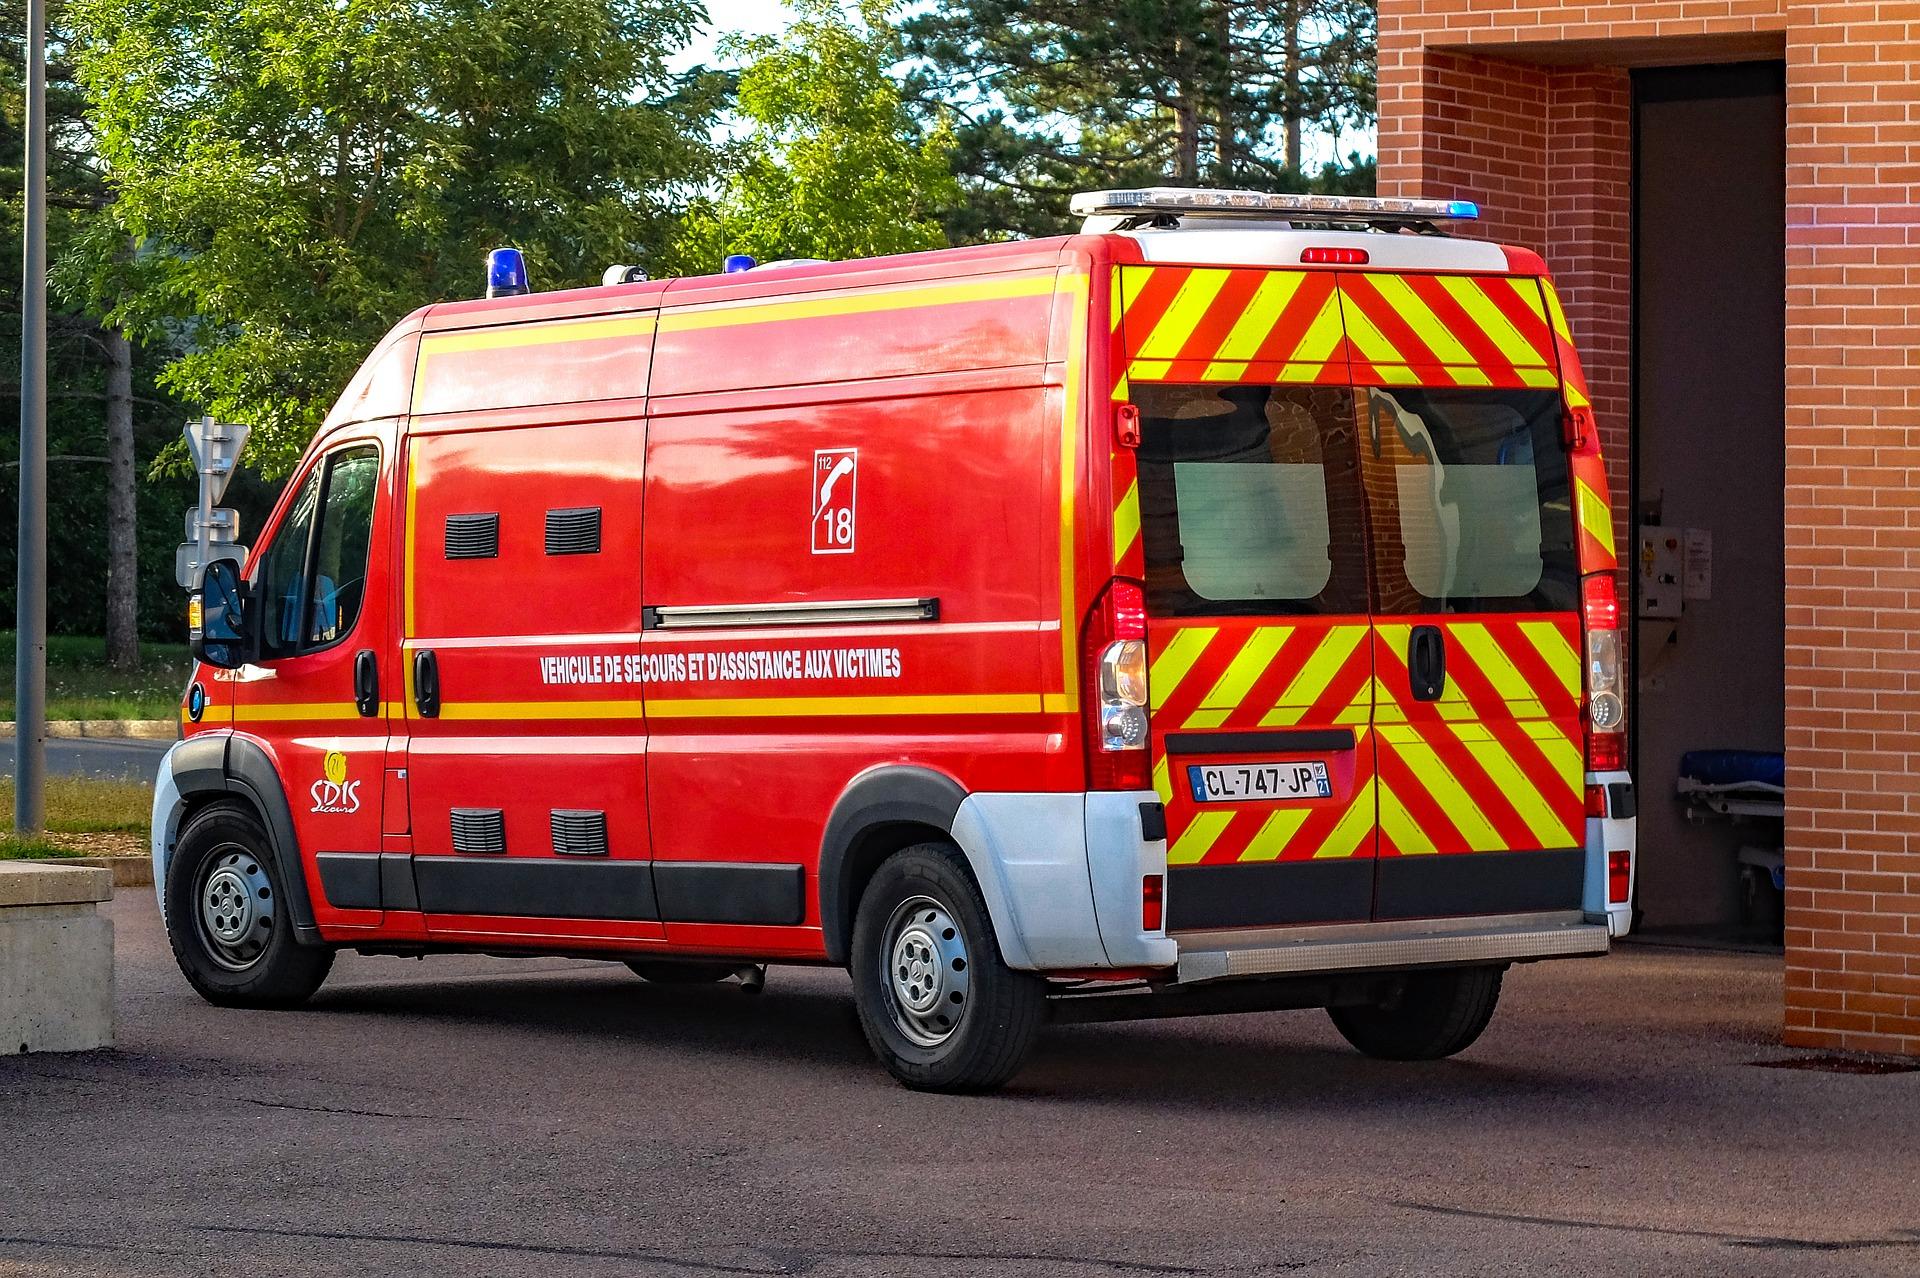 Premiers secours: «La mise en place d'un numéro unique d'appel d'urgence est nécessaire et salutaire